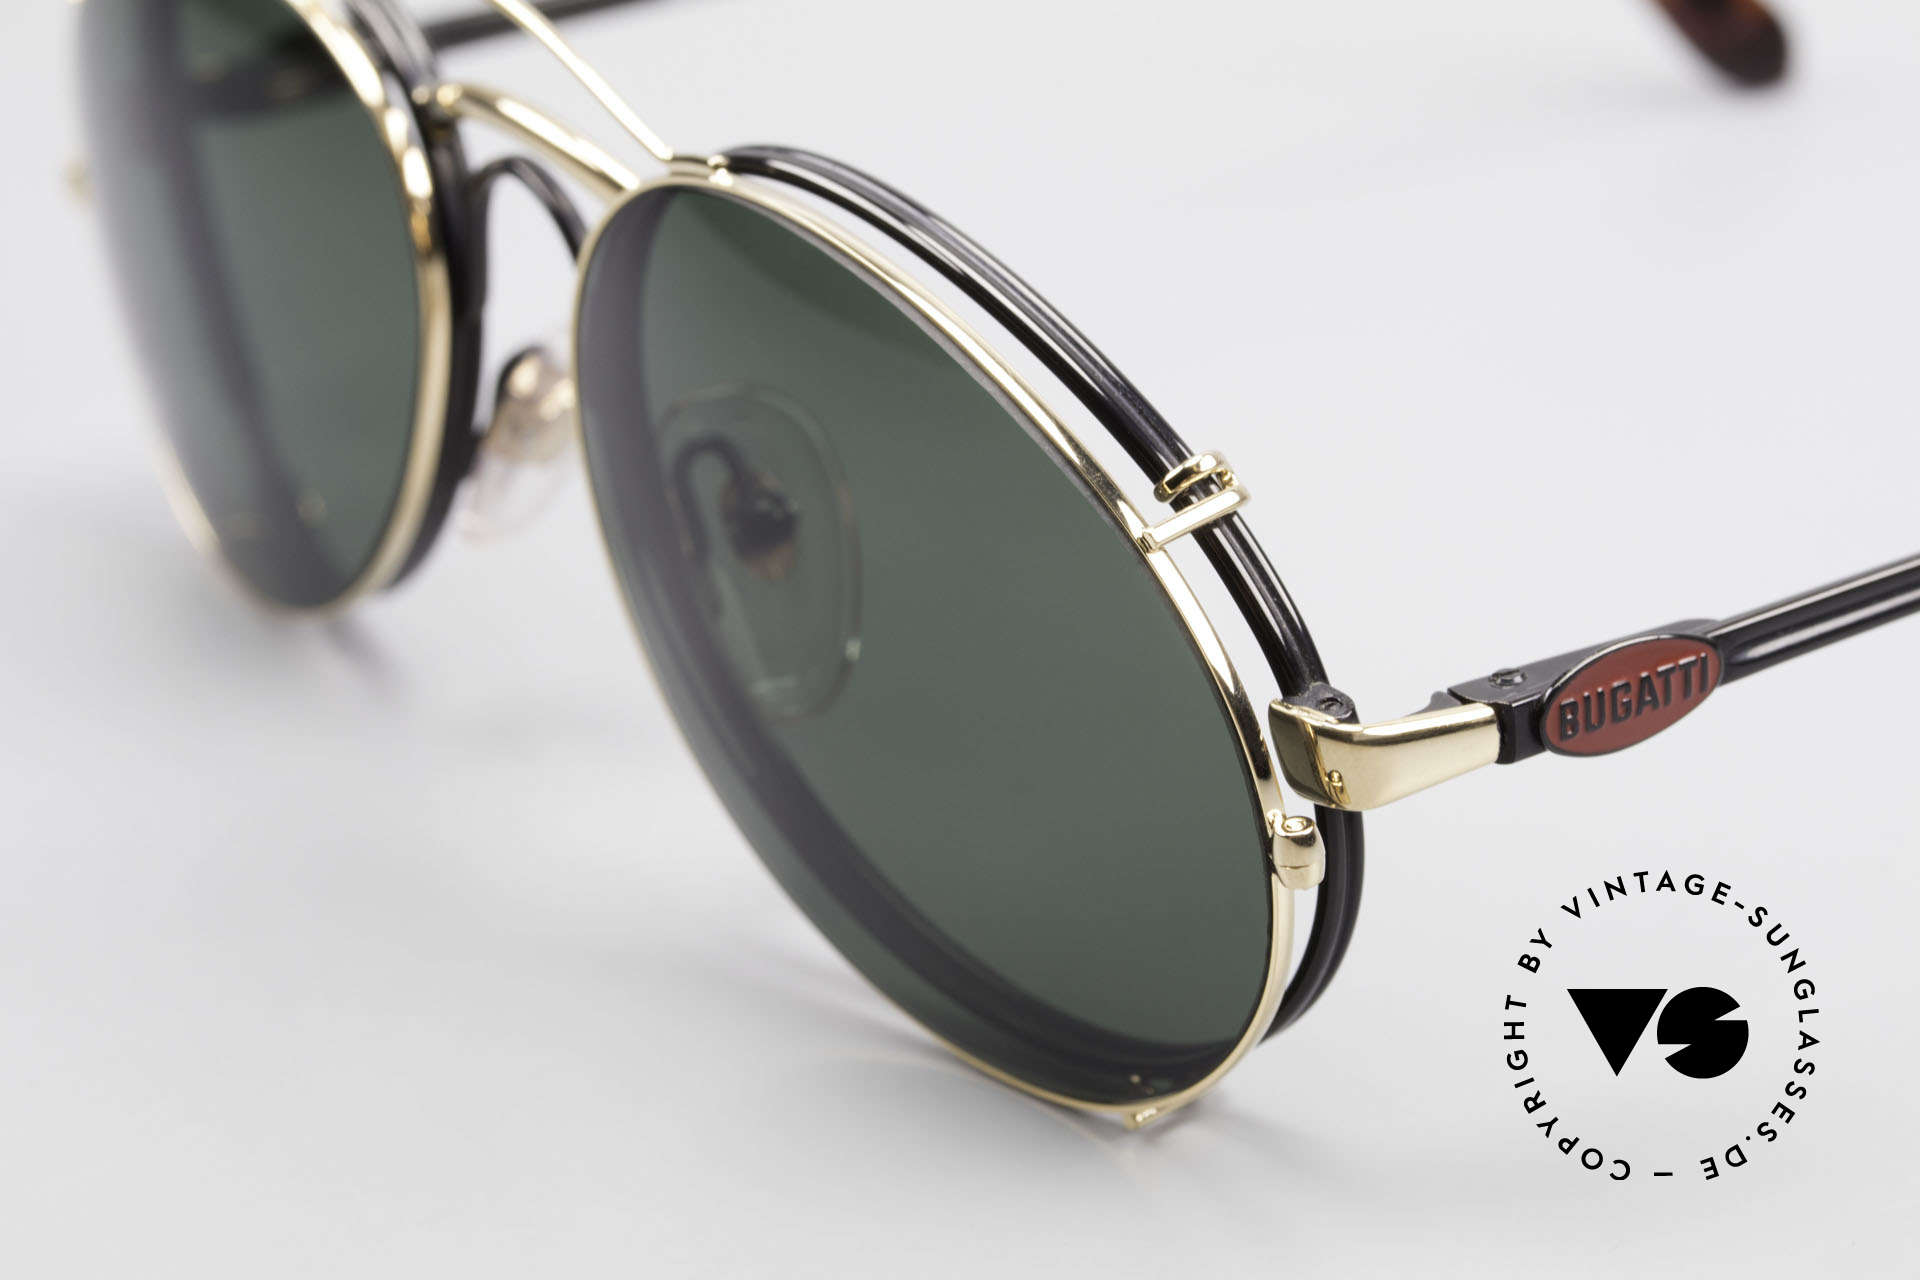 Bugatti 03327 80er Sonnenbrille Mit Clip On, schwarze Fassung, rotes Logo, Clip in gold; sehr edel, Passend für Herren